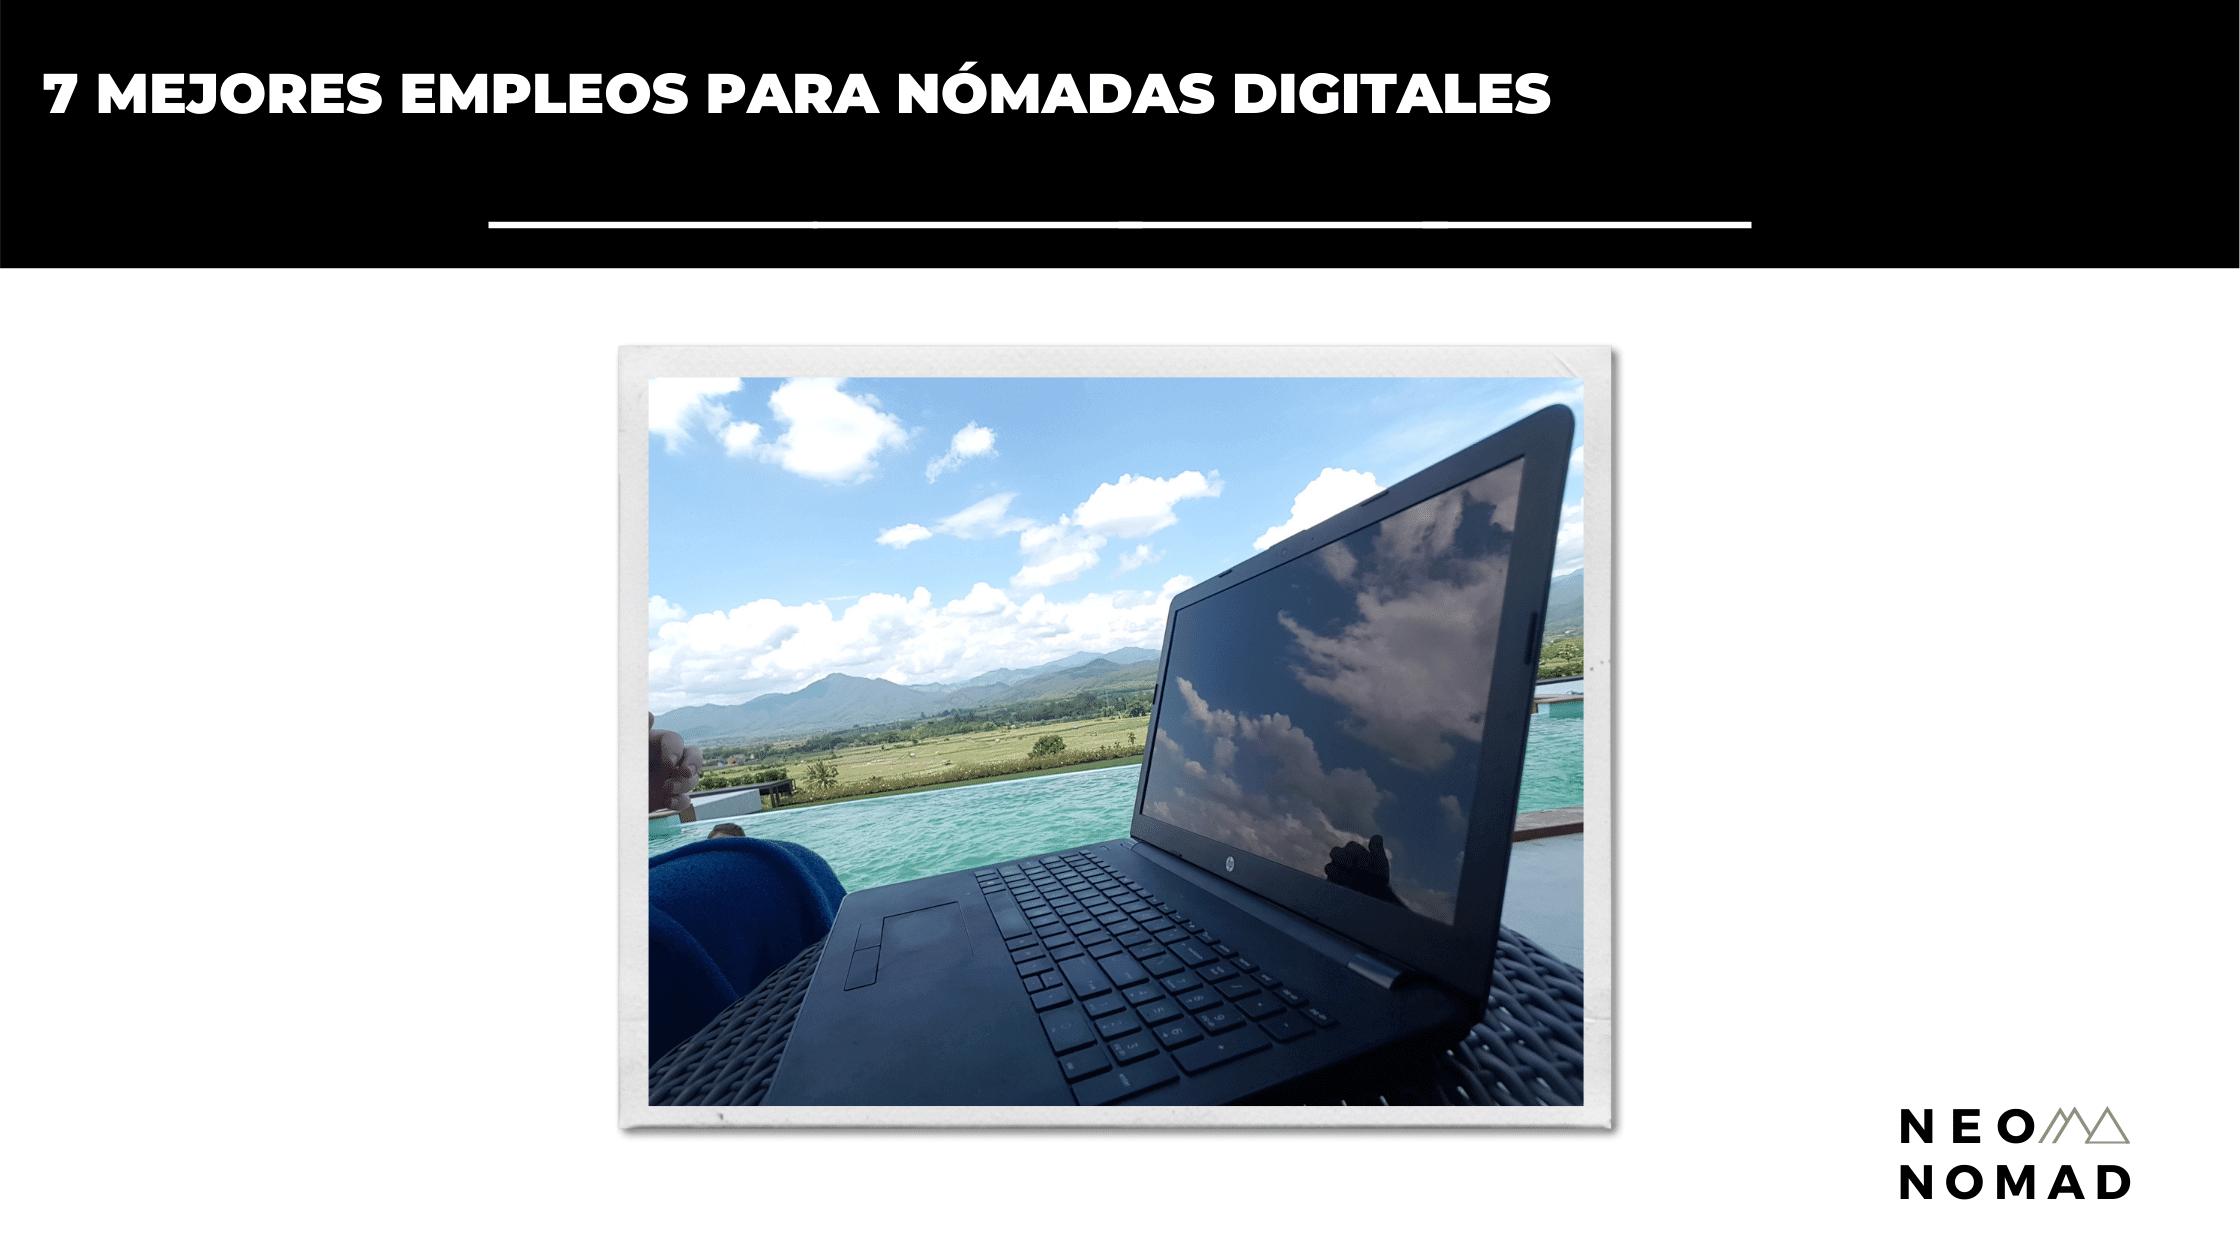 7 mejores empleos para nómadas digitales